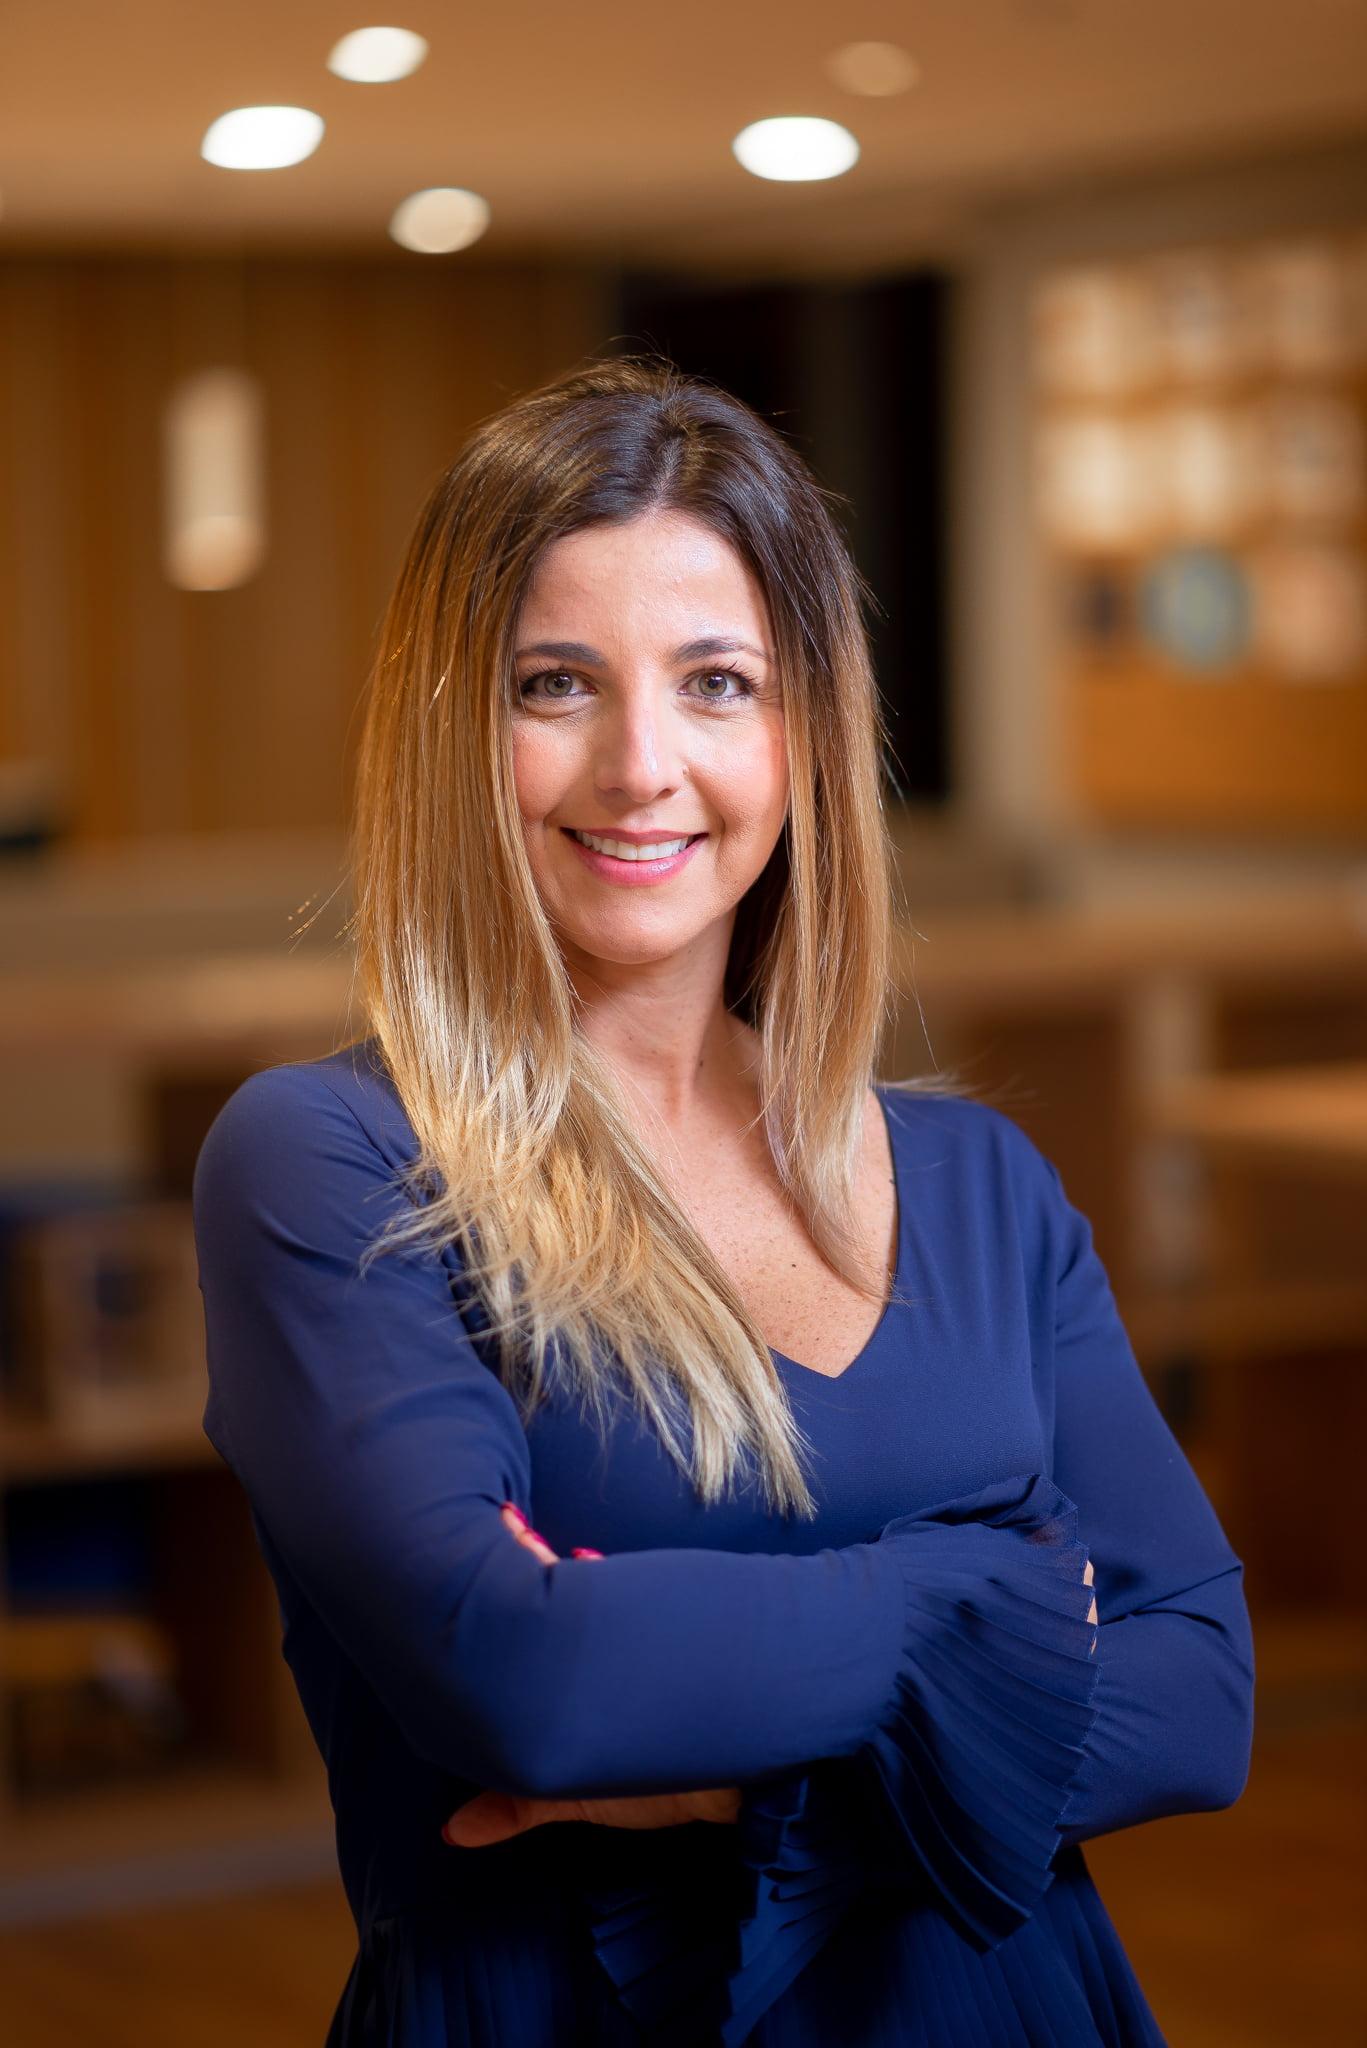 MField anuncia duas novas contratações para núcleo de novos negócios da agência